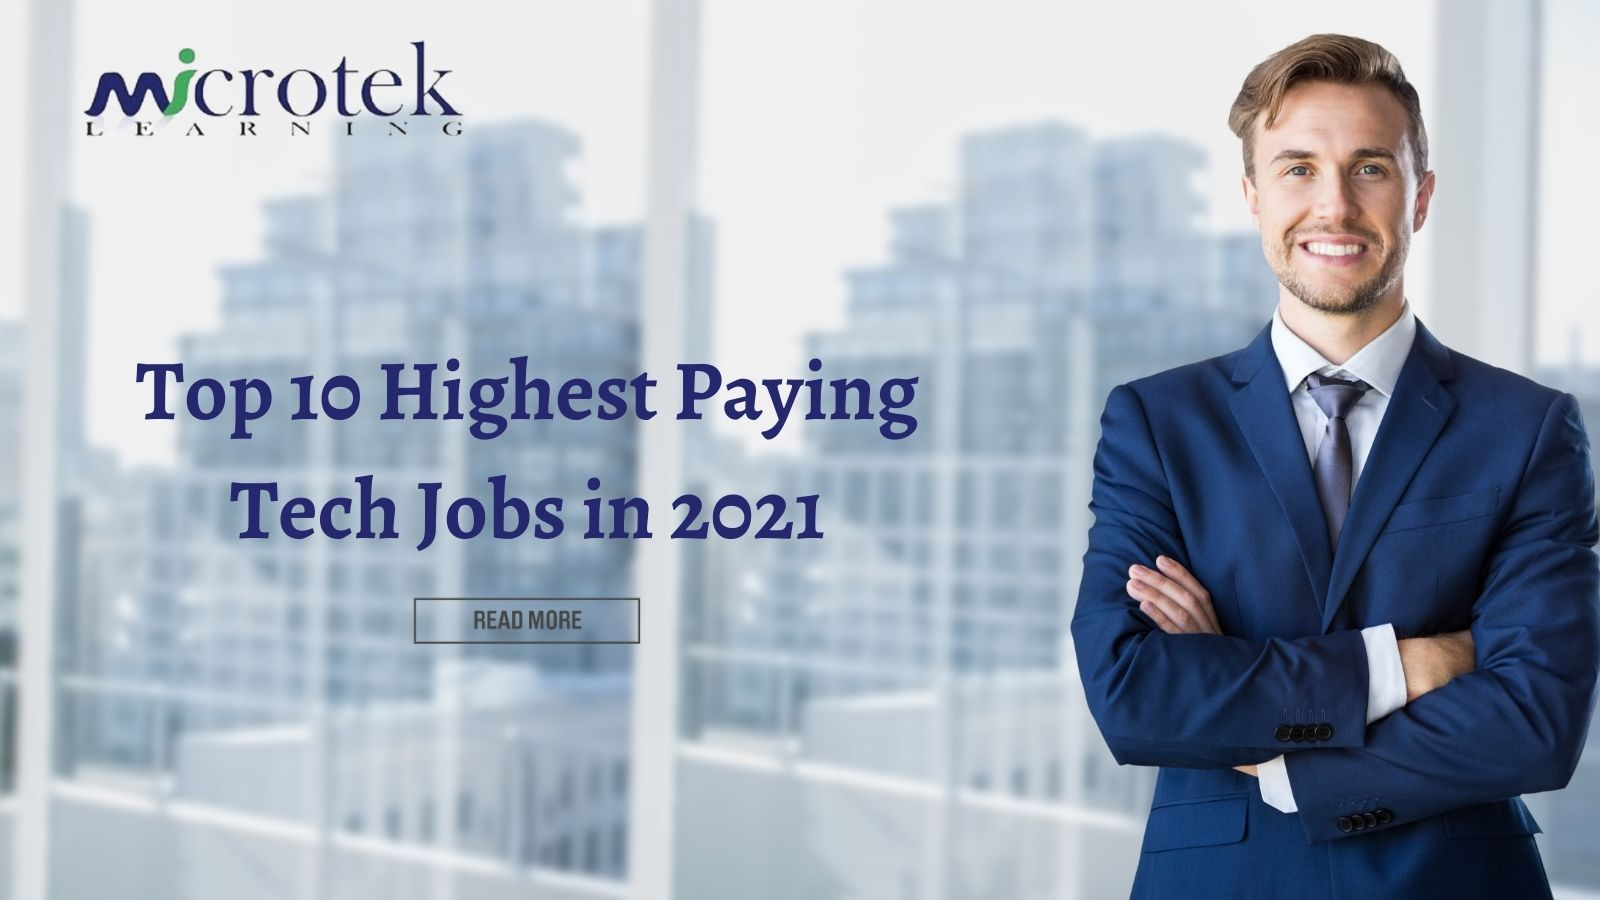 img-highest-paying-tech-jobs.jpg